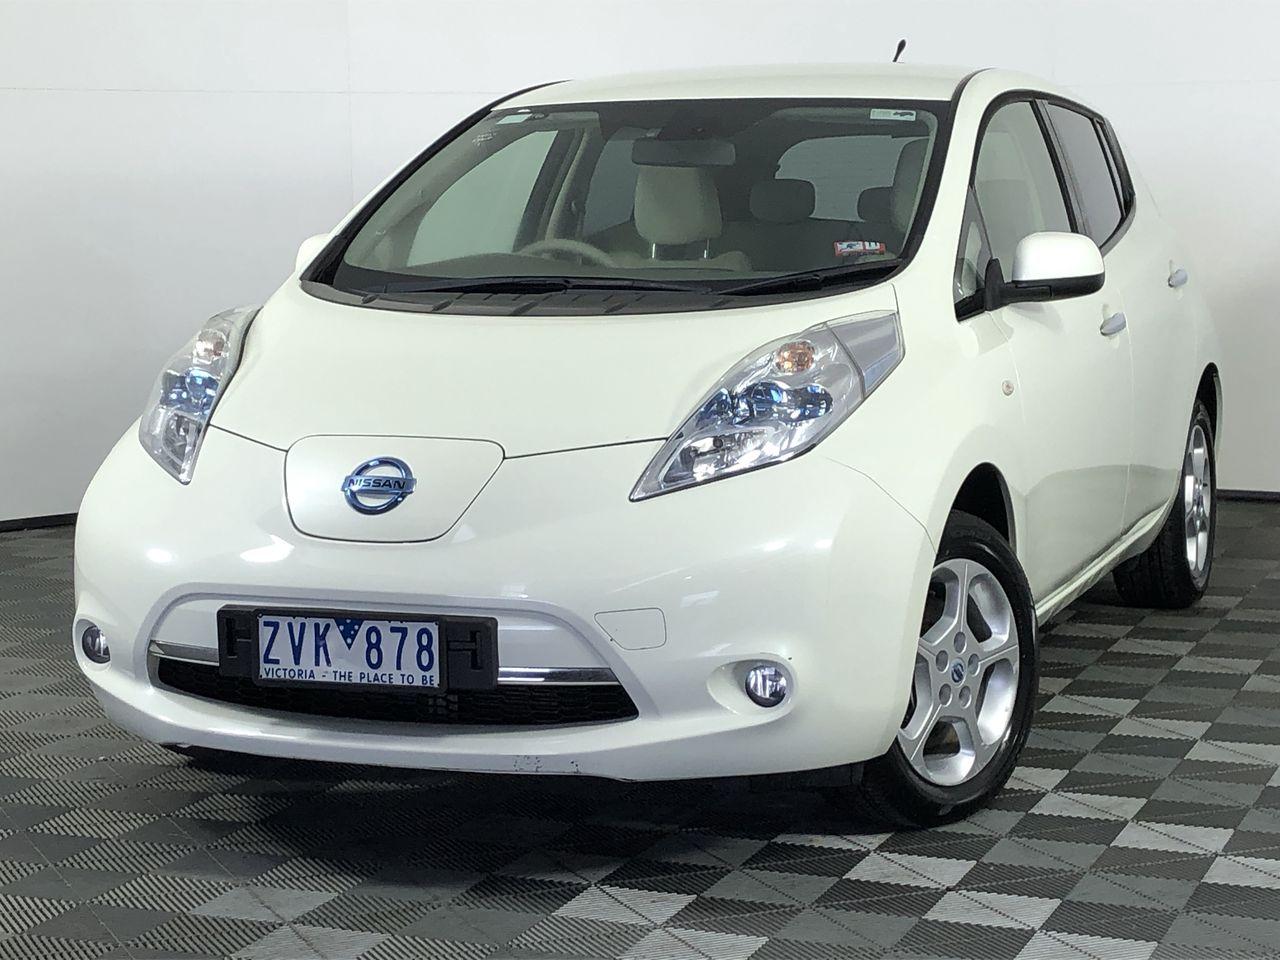 2013 Nissan LEAF Leaf Zeo Direct Drive Hatchback